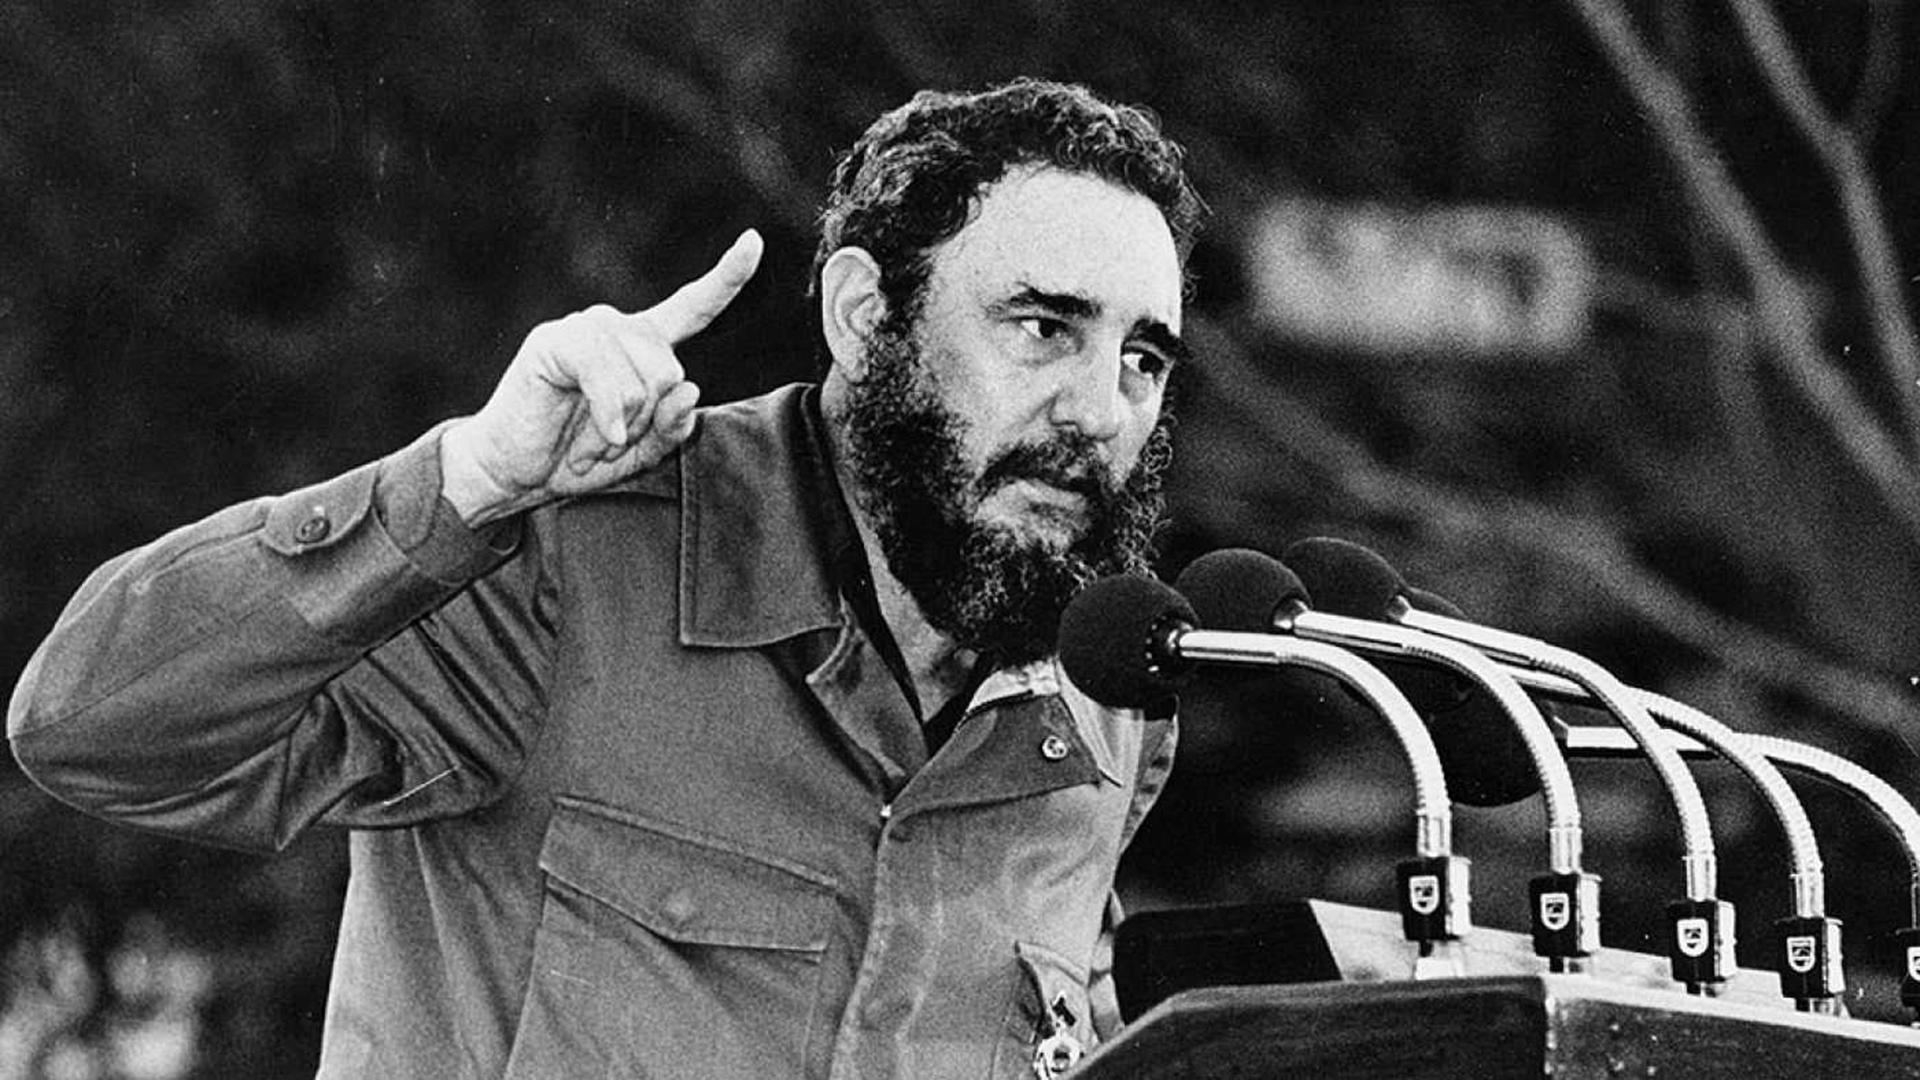 """""""No le voy a permitir a ese imitador de Albert Einstein que compare nuestra revolución con una Dictadura, cuando llegamos para liberar al pueblo del yugo de Batista. A partir de ahora les prometo 60 años de hambre y desolación, pero de grandes discursos"""""""